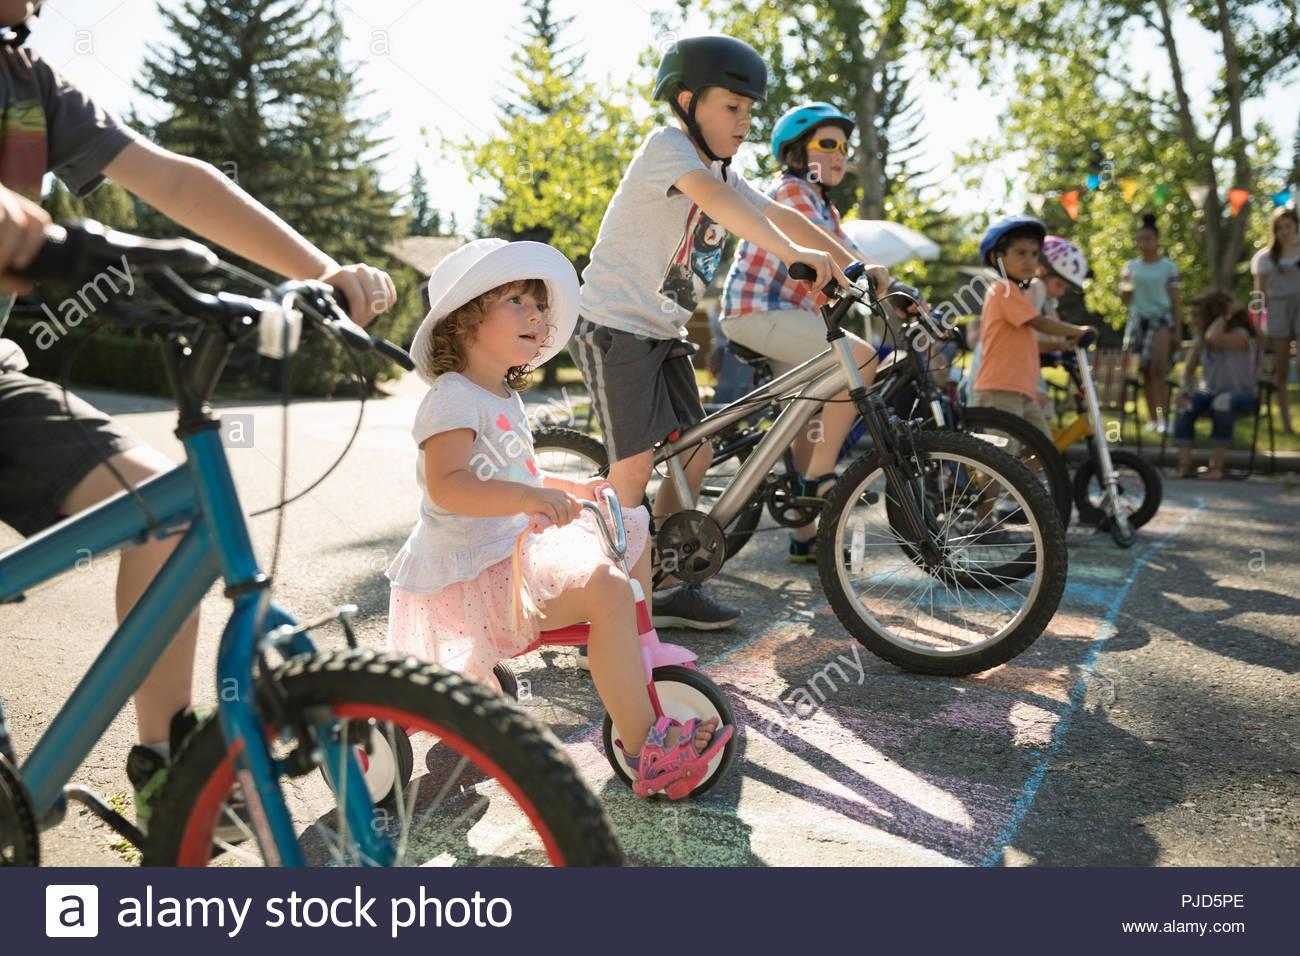 En las bicicletas de niños listos para la carrera en la línea de partida en el verano barrio block party Imagen De Stock